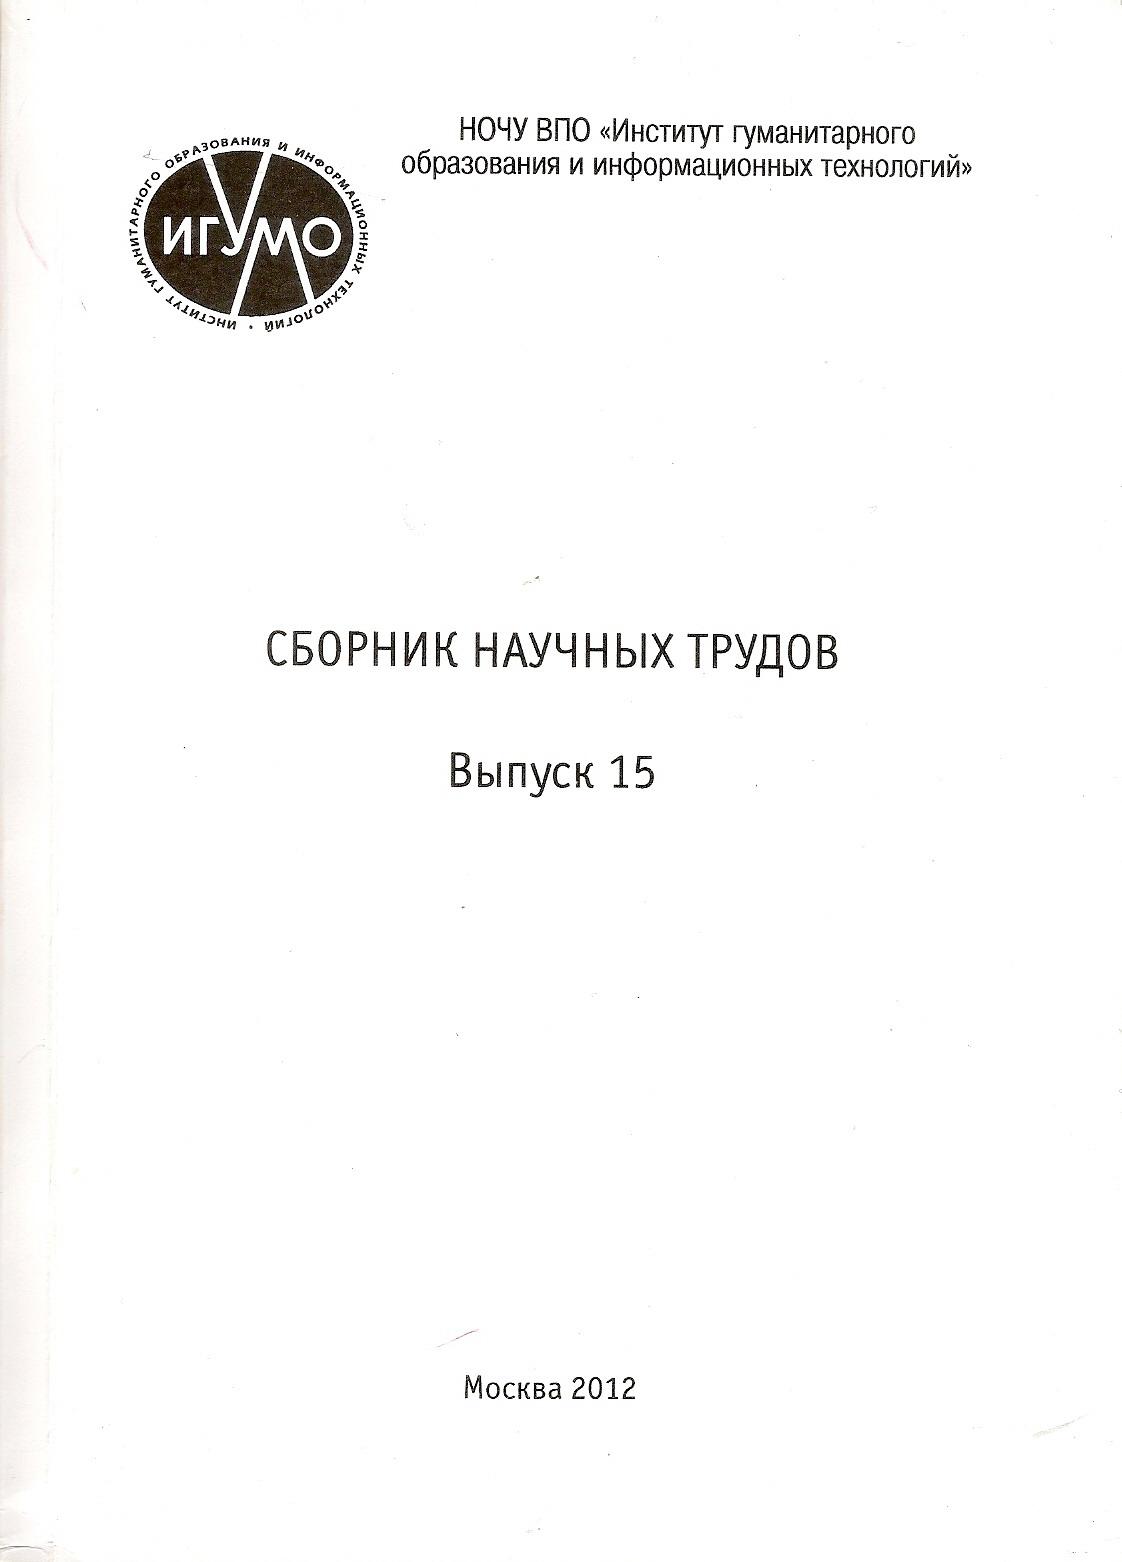 Сборник научных трудов